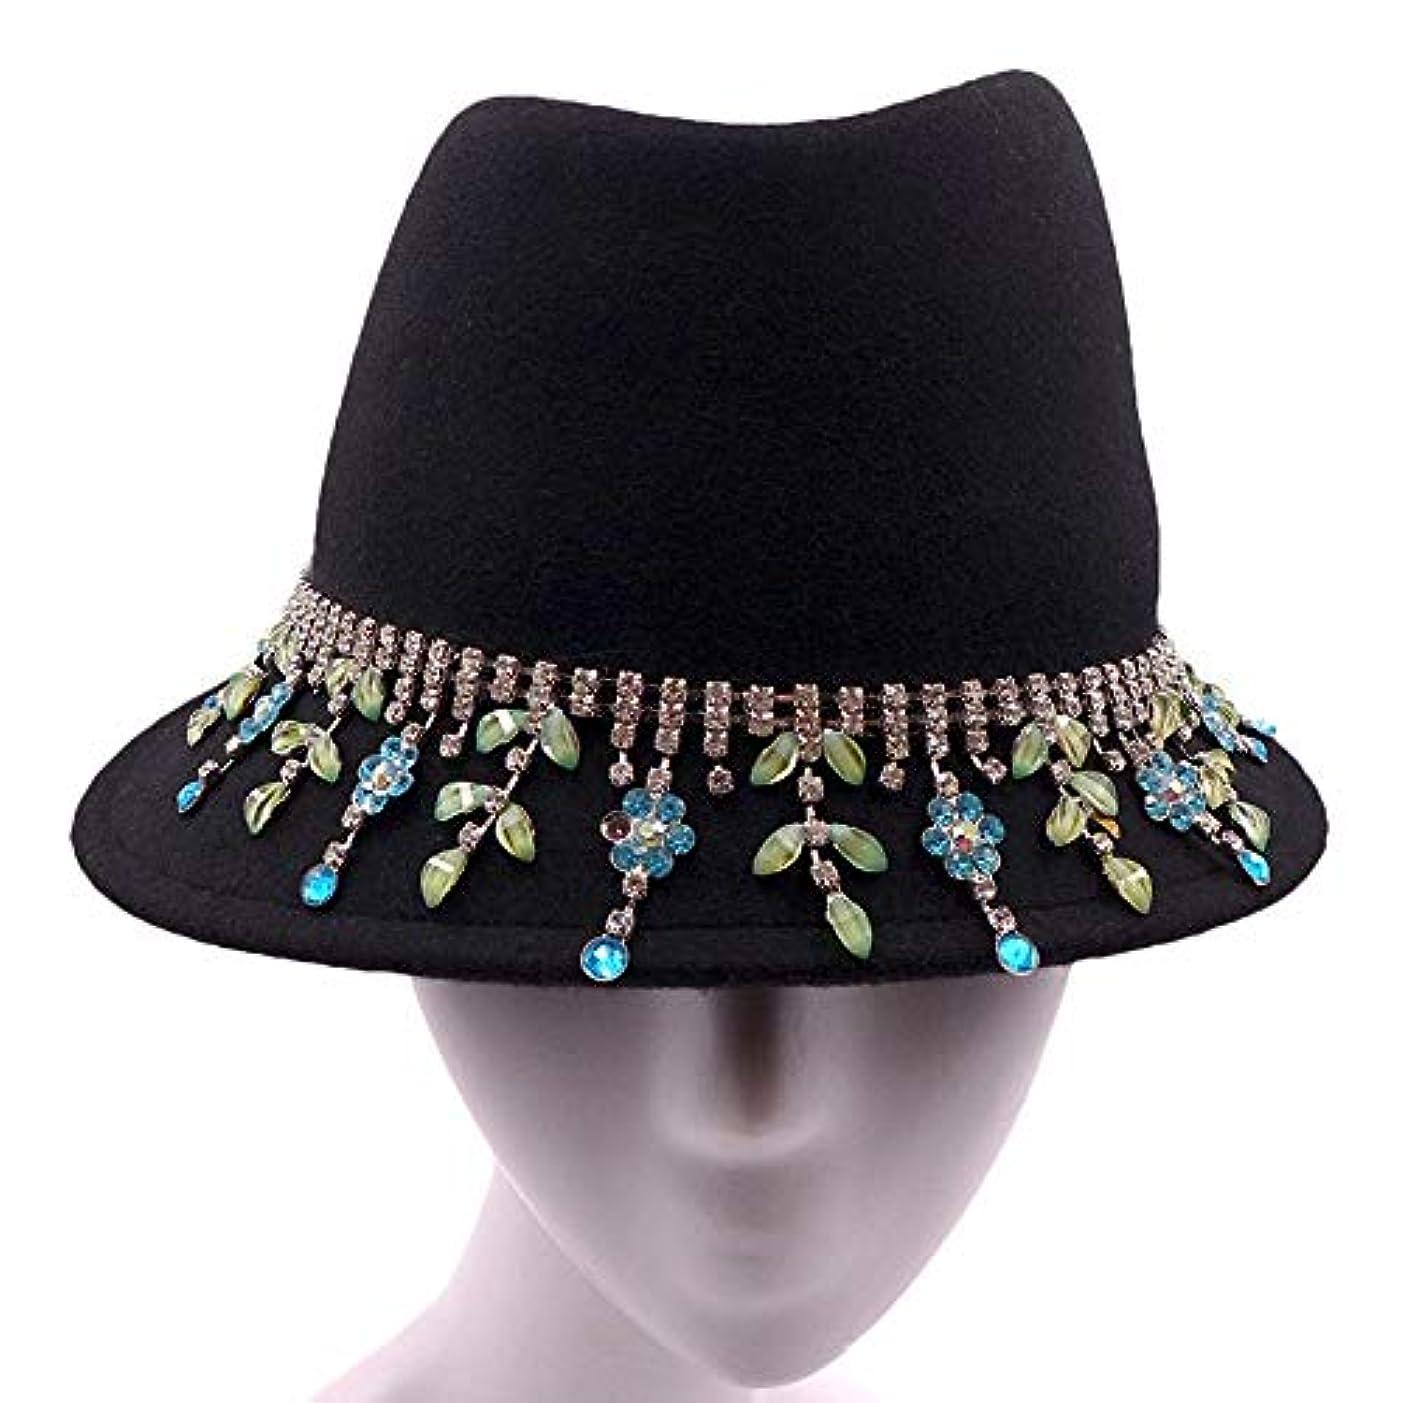 失う採用するタバコ優雅な 秋と冬のファッション暖かい帽子創造房のダイヤモンドチェーンの装飾ウールキャップ帽子ミスガオドゥアン(56-58CM)